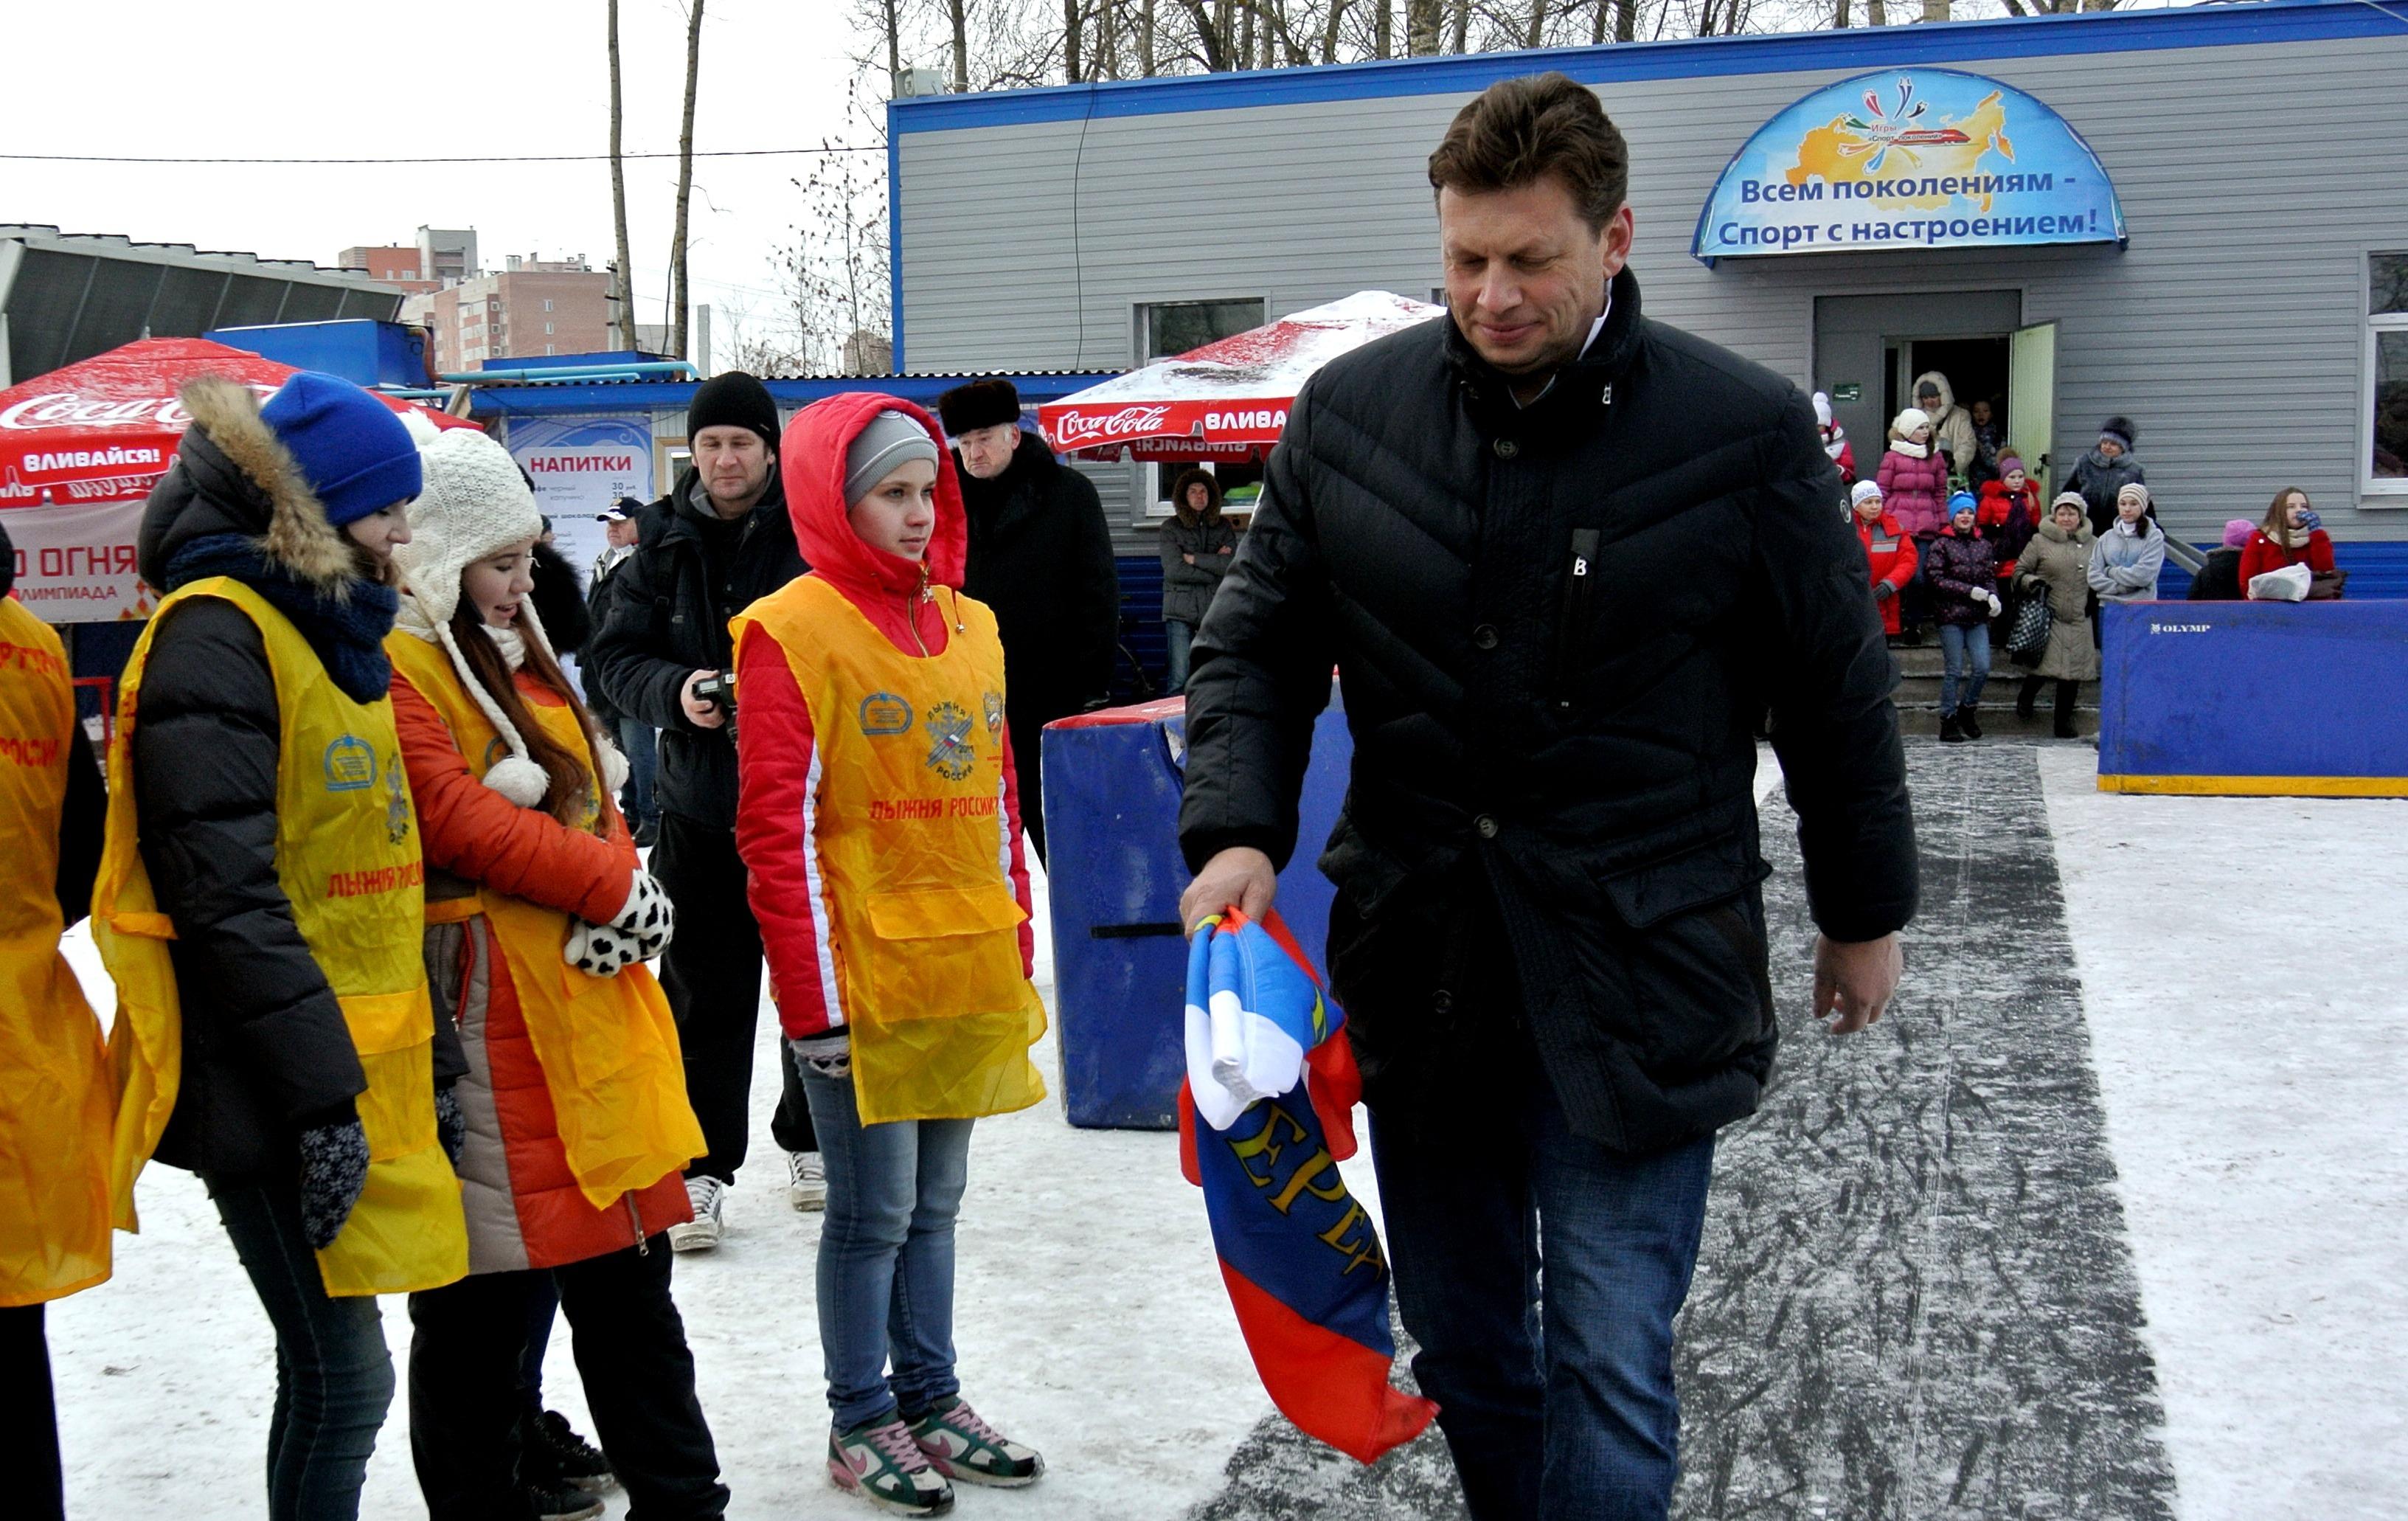 Олимпийский чемпион Николай Гуляев открыл всероссийские соревнования в Вологде